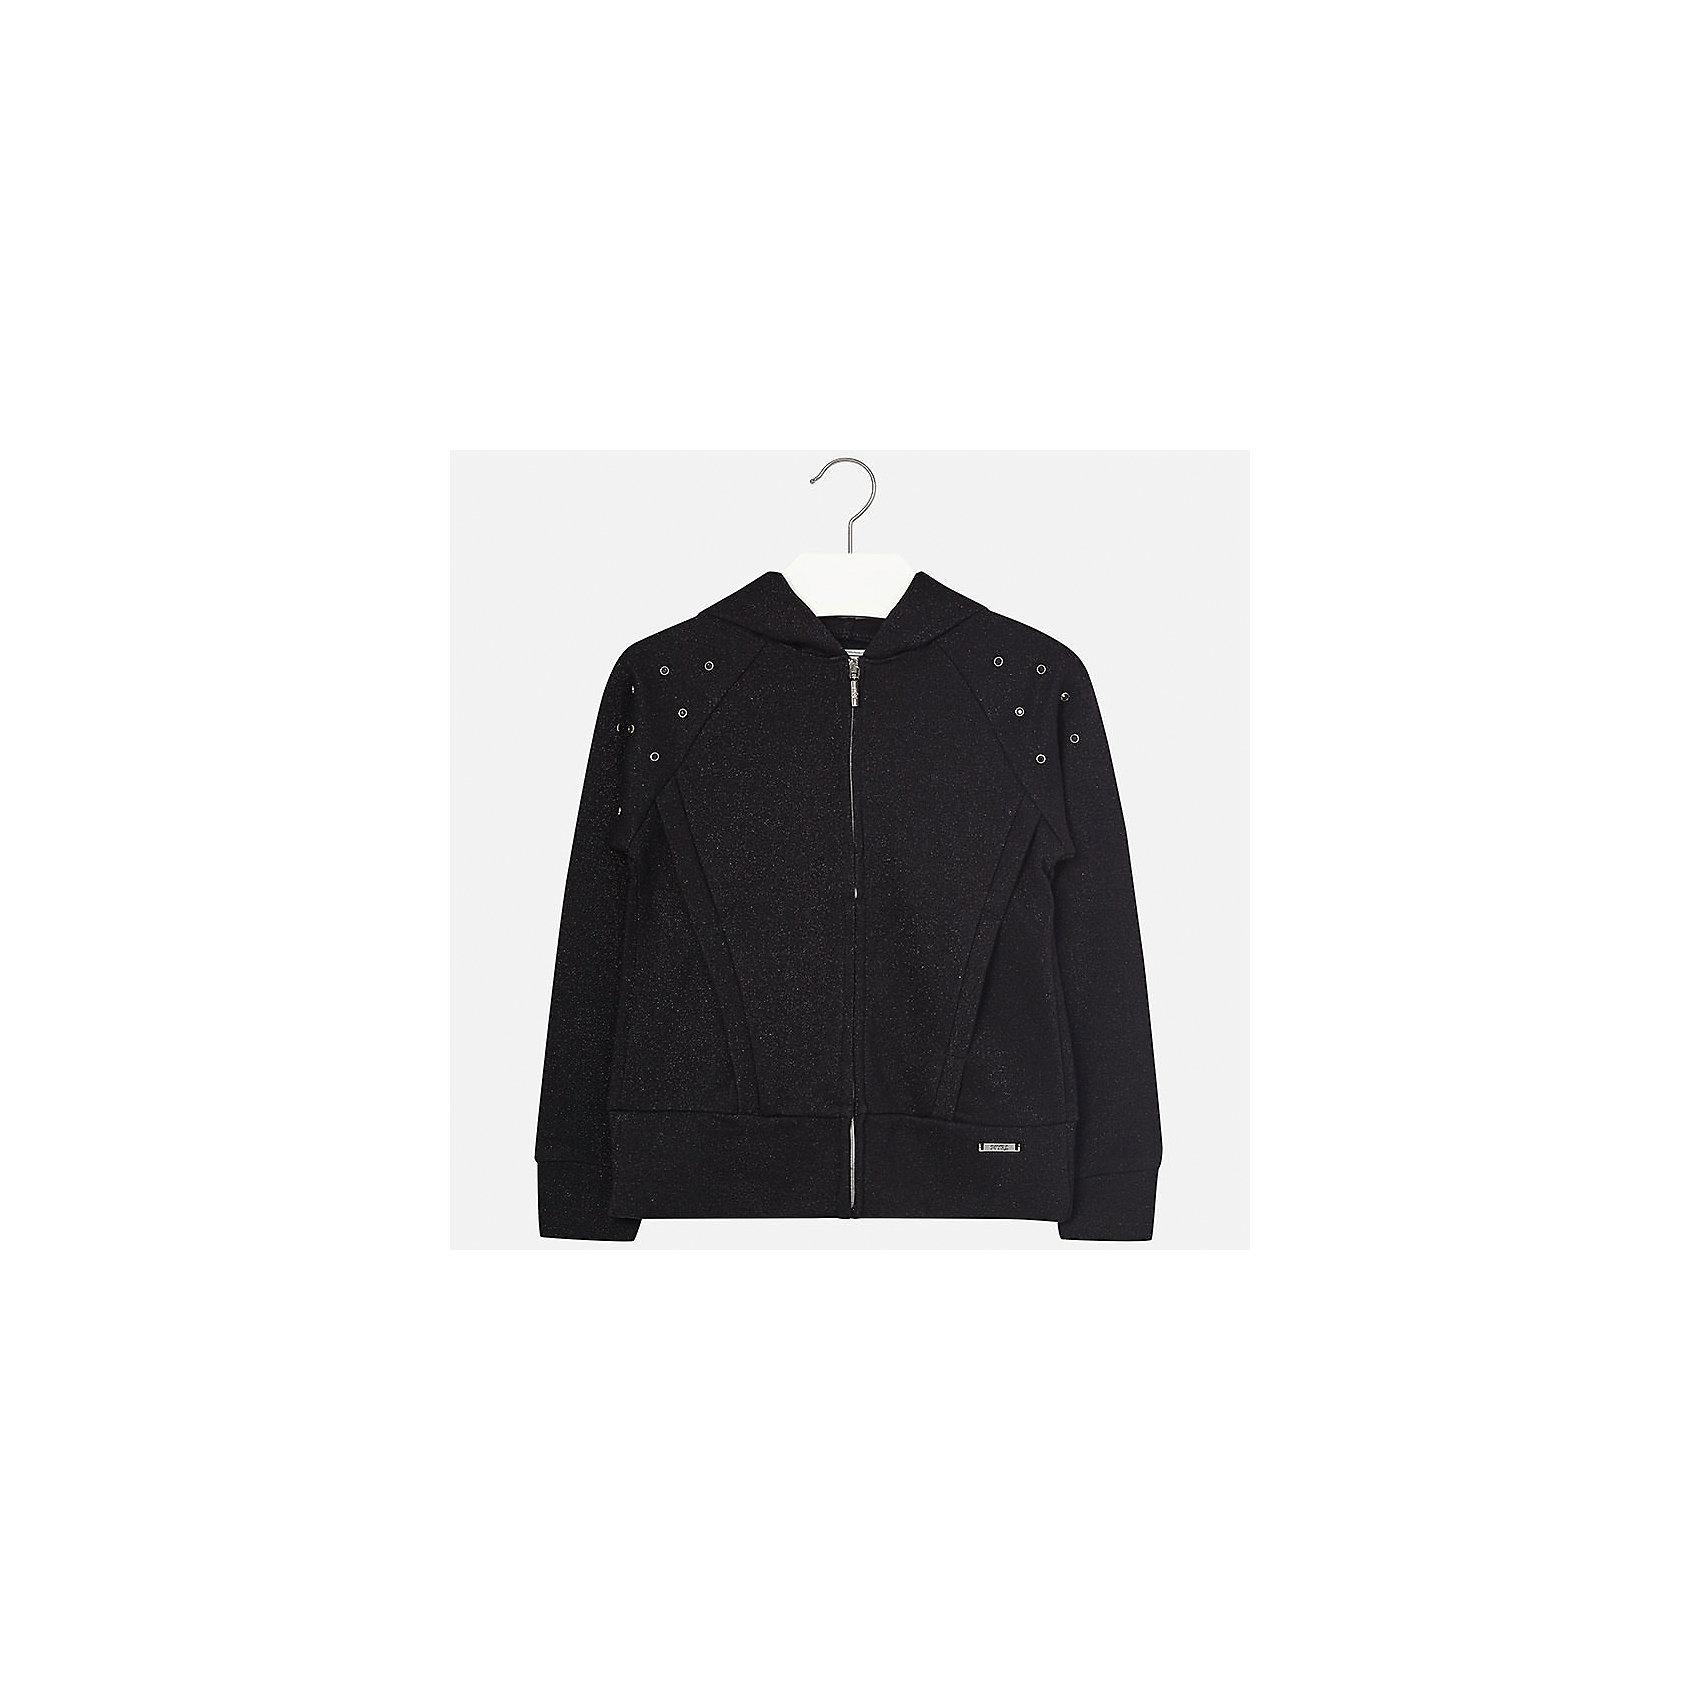 Куртка для девочки MayoralВерхняя одежда<br>Характеристики товара:<br><br>• цвет: чёрный<br>• состав: 42% хлопок, 42% вискоза, 16% металлическая нить<br>• молния<br>• капюшон<br>• карманы<br>• украшена стразами<br>• страна бренда: Испания<br><br>Модная куртка для девочки поможет разнообразить гардероб ребенка и украсить наряд. Интересная отделка модели делает её нарядной и оригинальной.<br><br>Куртку для девочки от испанского бренда Mayoral (Майорал) можно купить в нашем интернет-магазине.<br><br>Ширина мм: 356<br>Глубина мм: 10<br>Высота мм: 245<br>Вес г: 519<br>Цвет: черный<br>Возраст от месяцев: 156<br>Возраст до месяцев: 168<br>Пол: Женский<br>Возраст: Детский<br>Размер: 164,158,152,140,128/134,170<br>SKU: 5292917